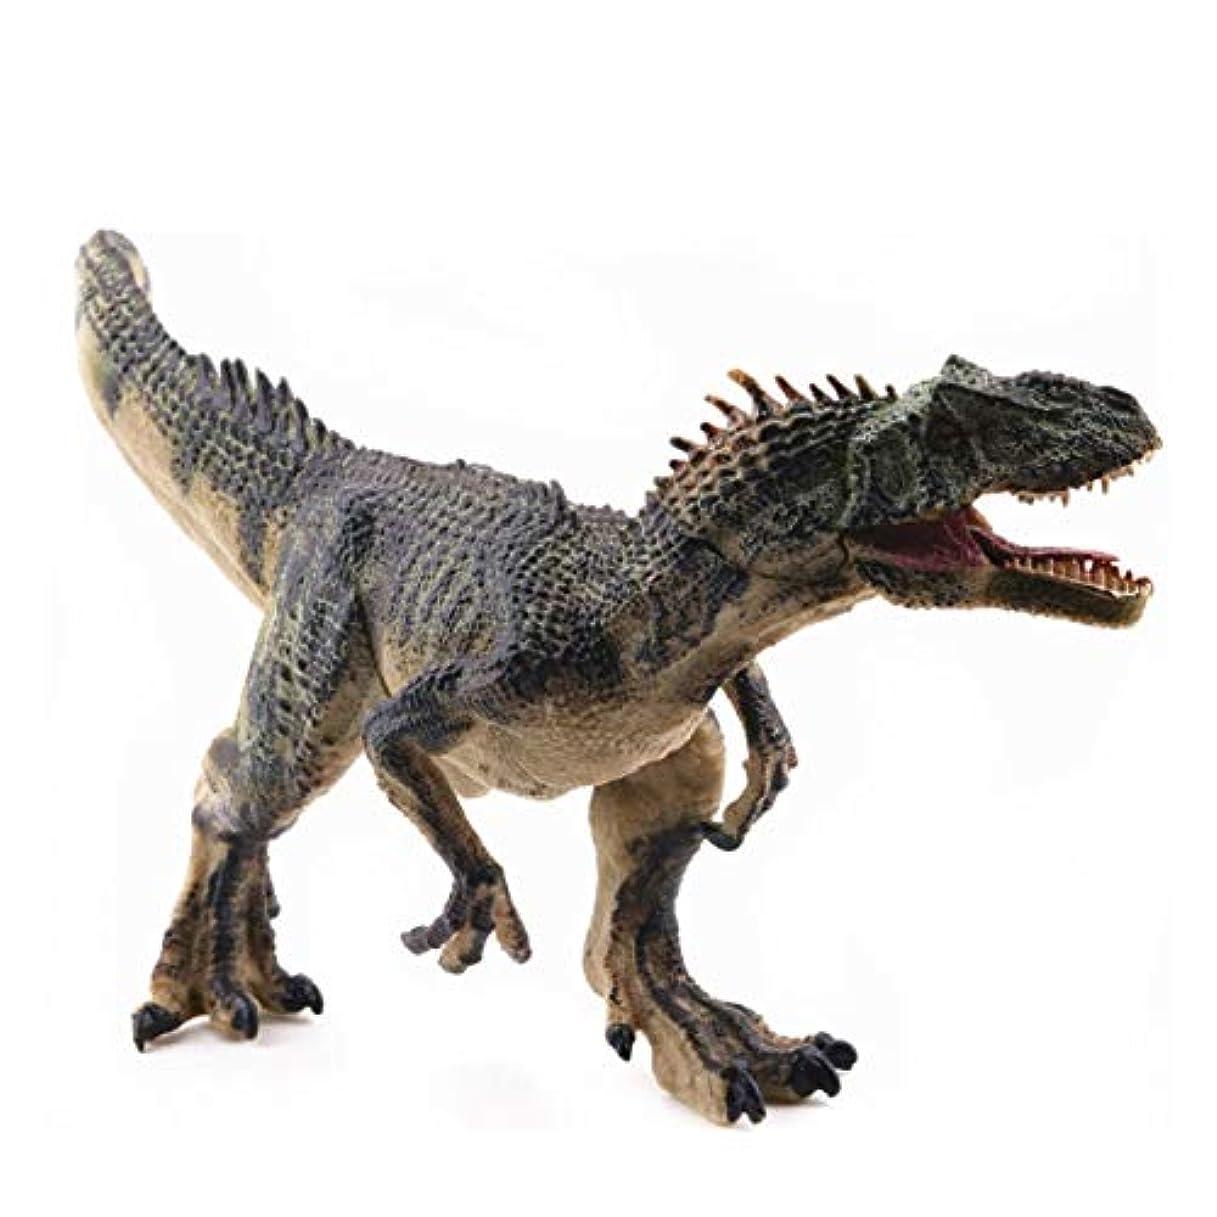 同時耐える上級Saikogoods シミュレーションアロサウルスリアルな恐竜の模型玩具置物アクションは 子供のためのホームインテリア教育玩具フィギュア 緑